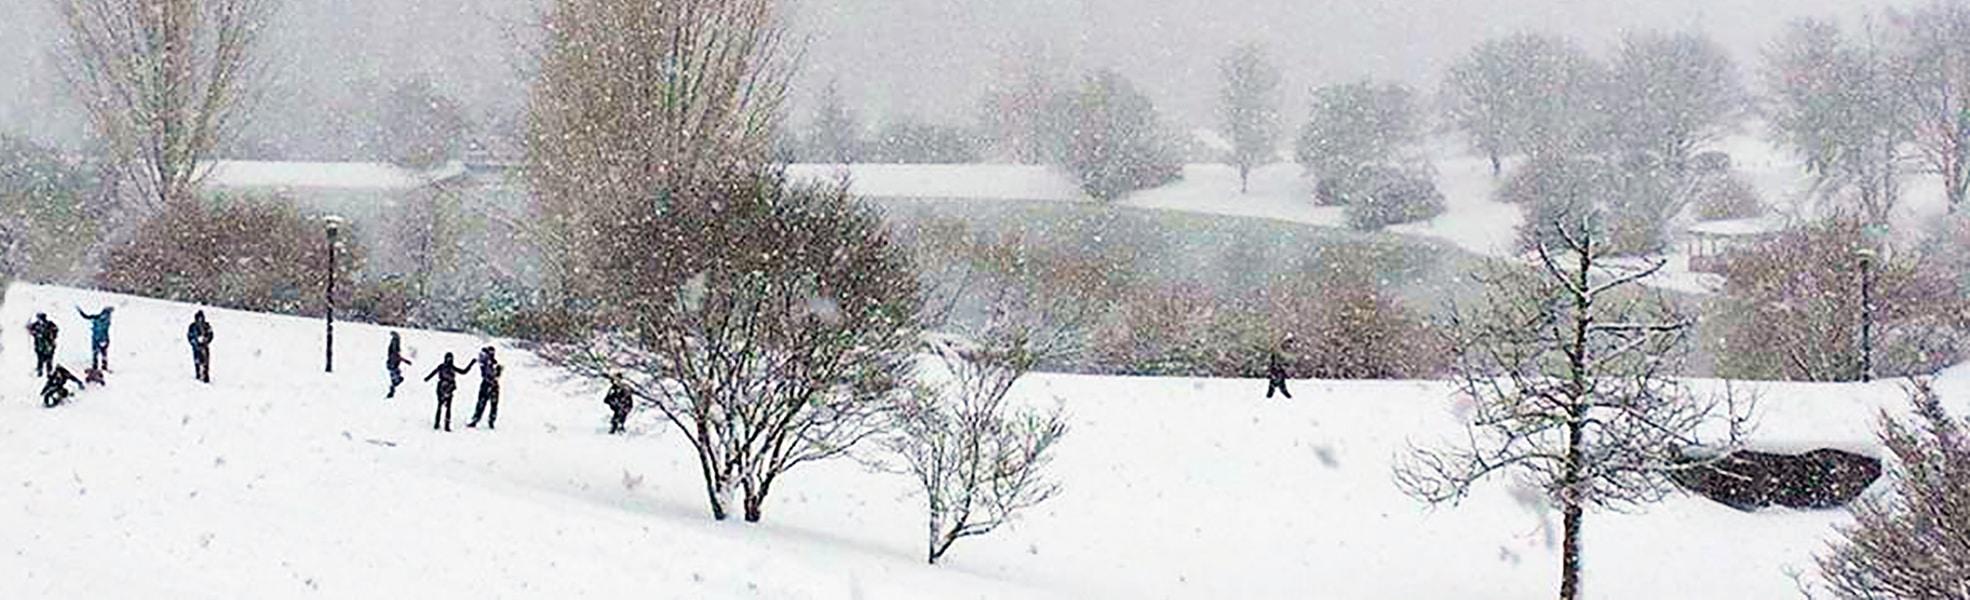 Ferrum College snow day